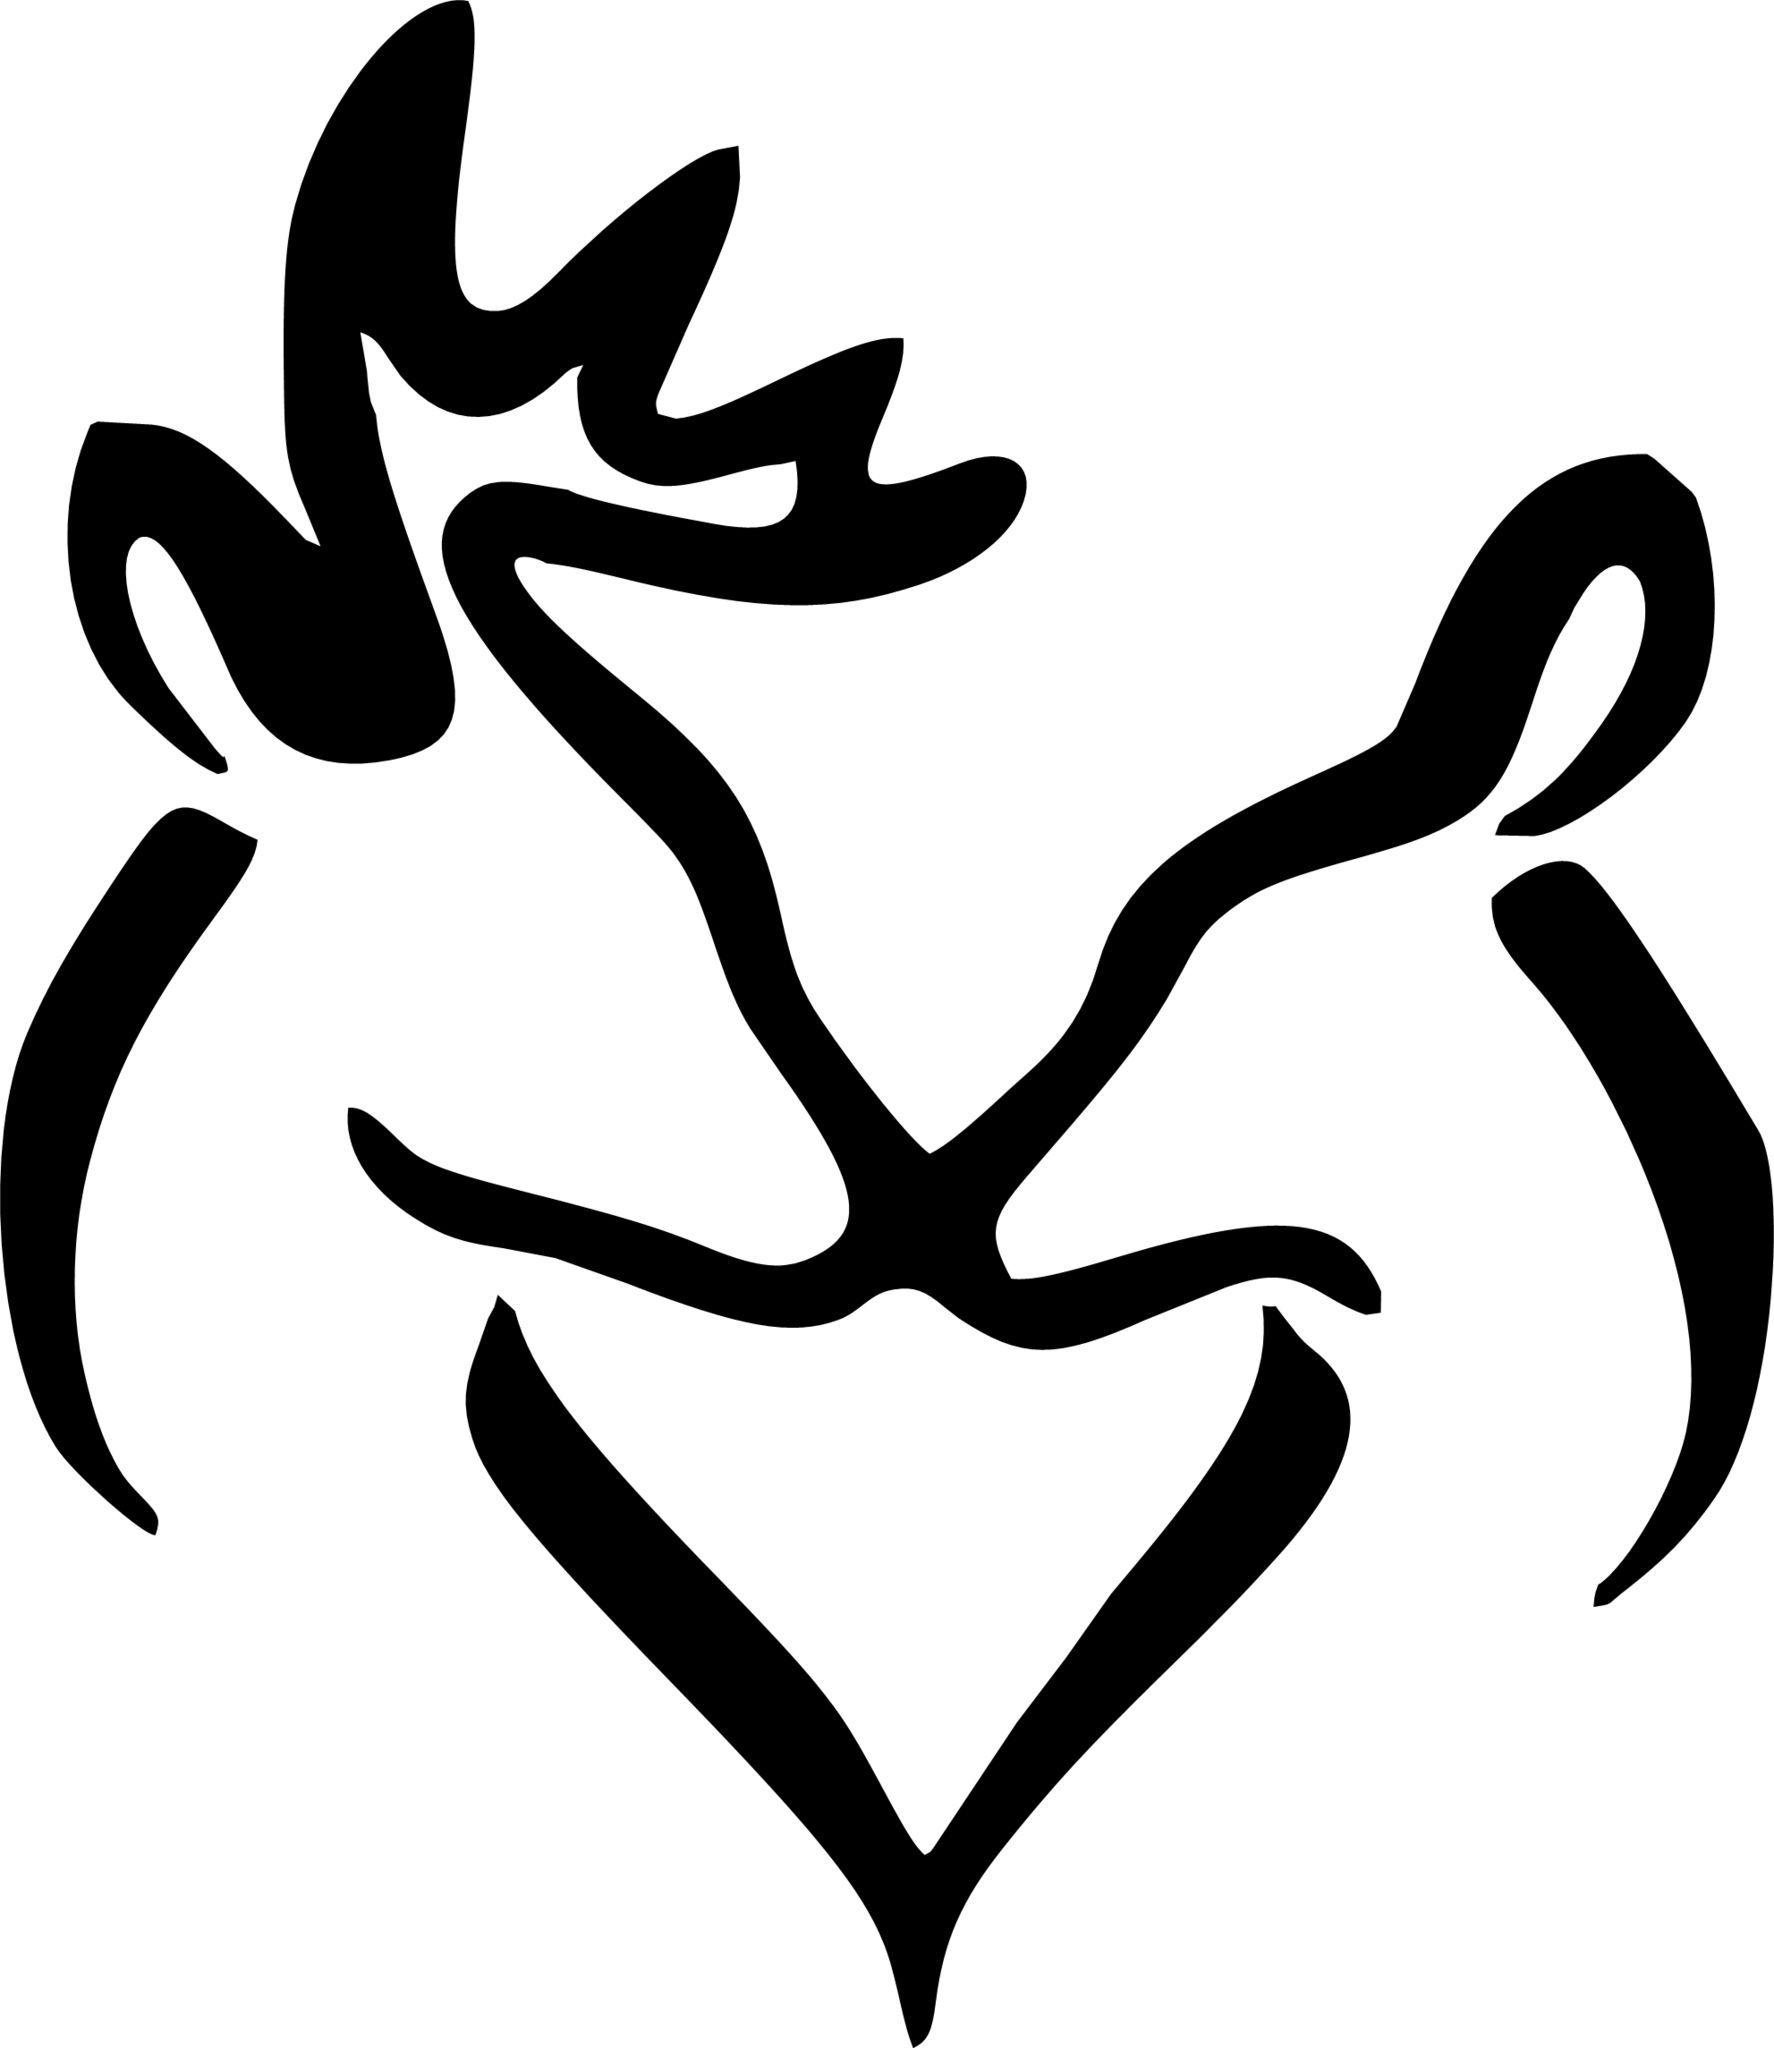 Buck Doe Silhouette at GetDrawings.com.